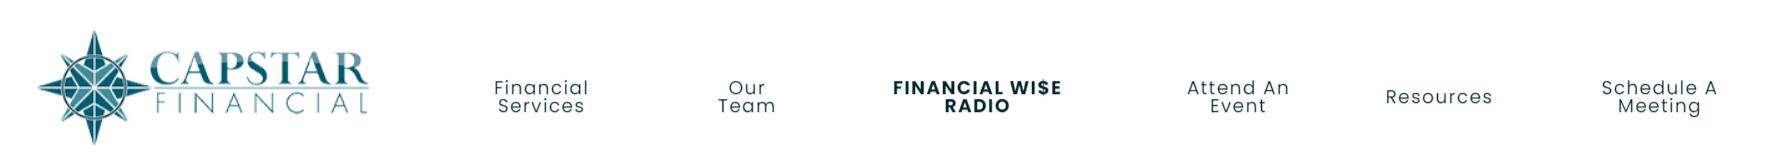 Best Financial Services in Austin